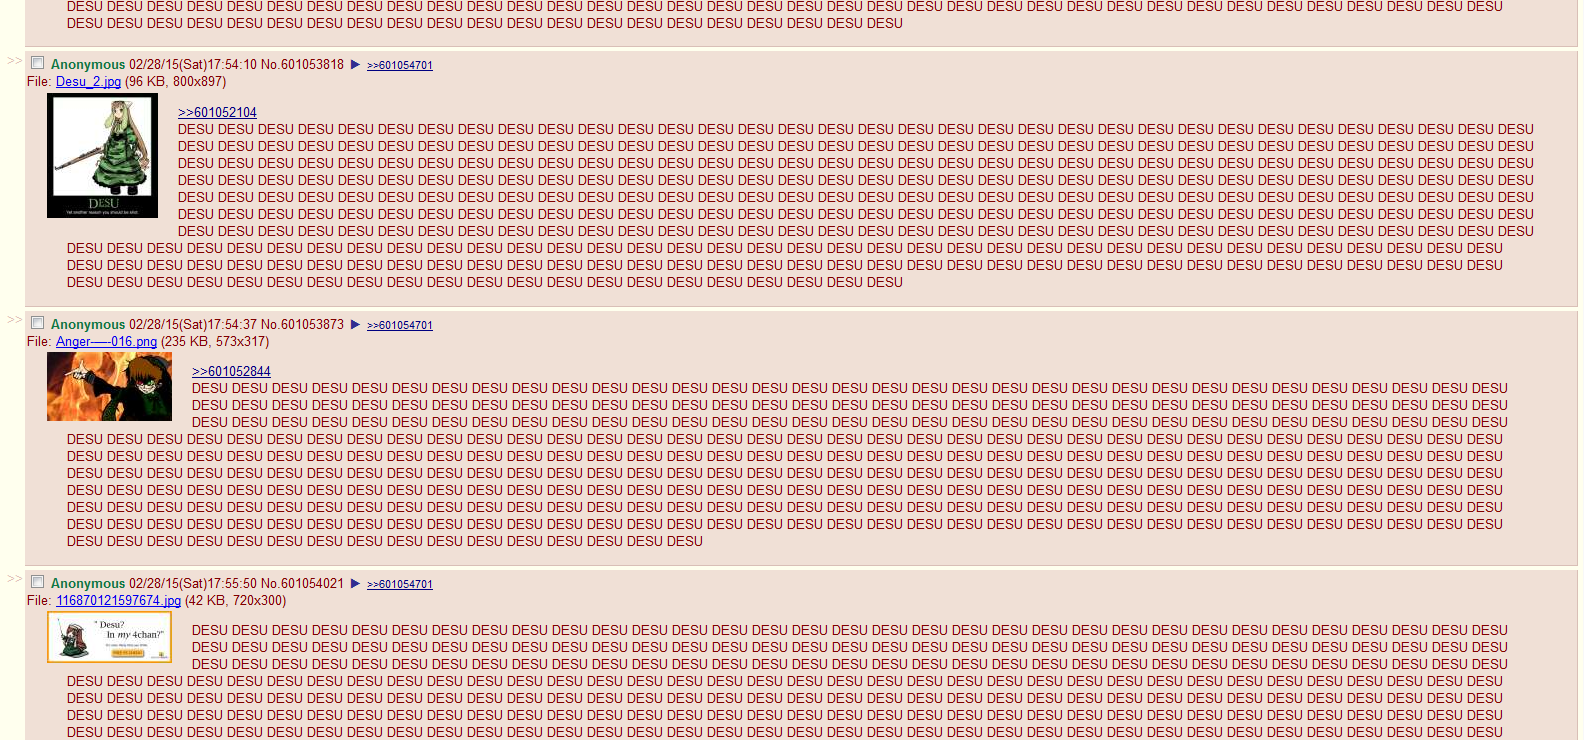 4chan - desu